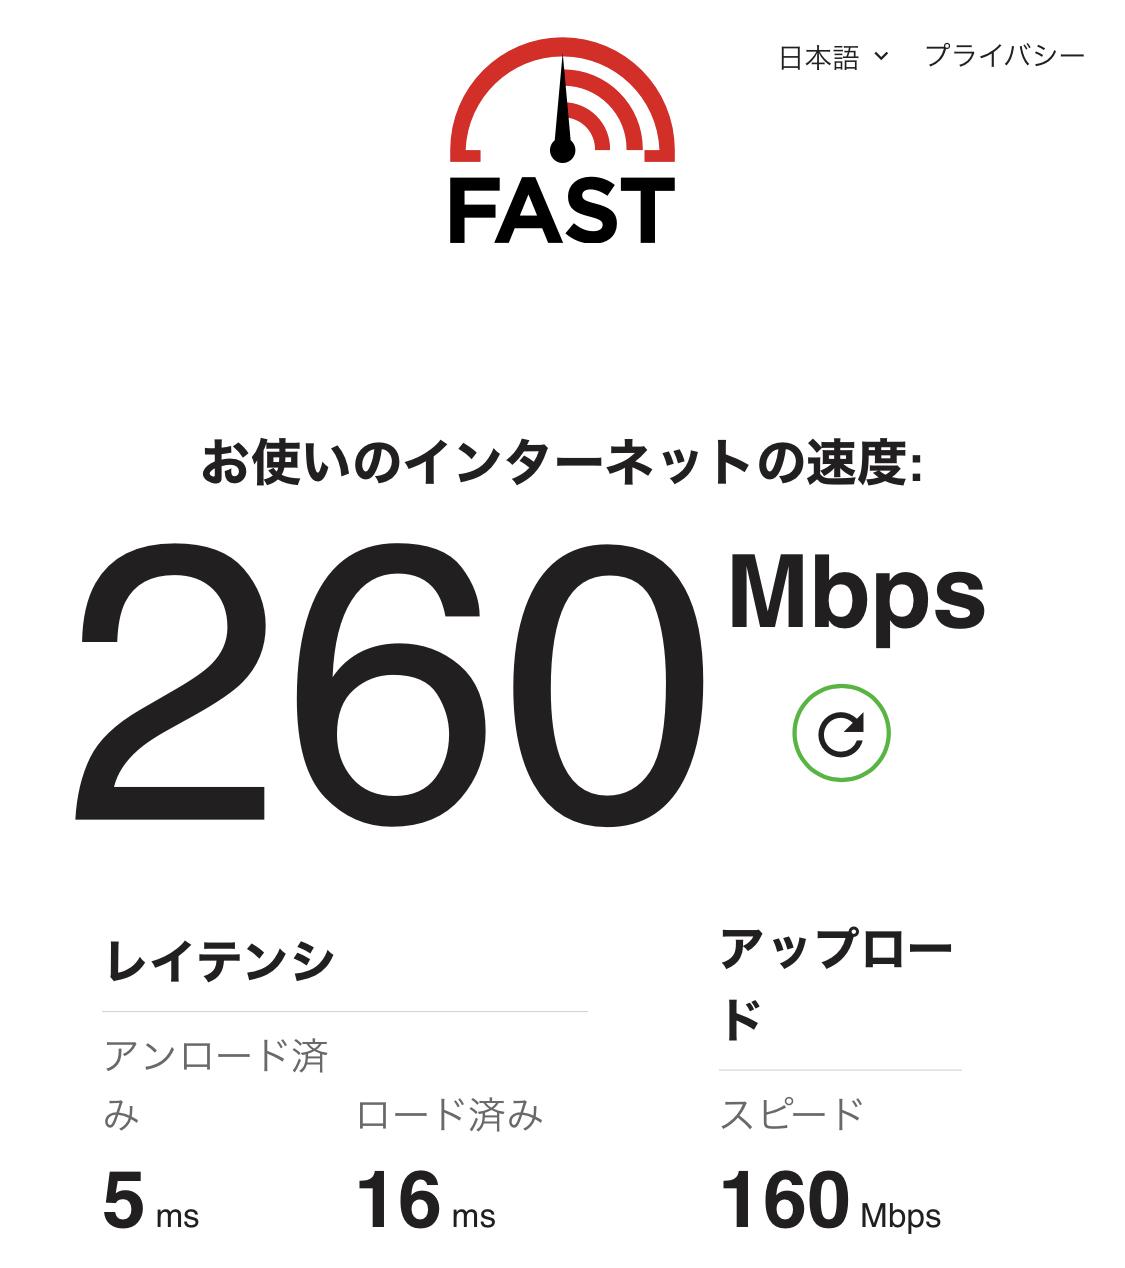 スマホPhoneのインターネット回線速度